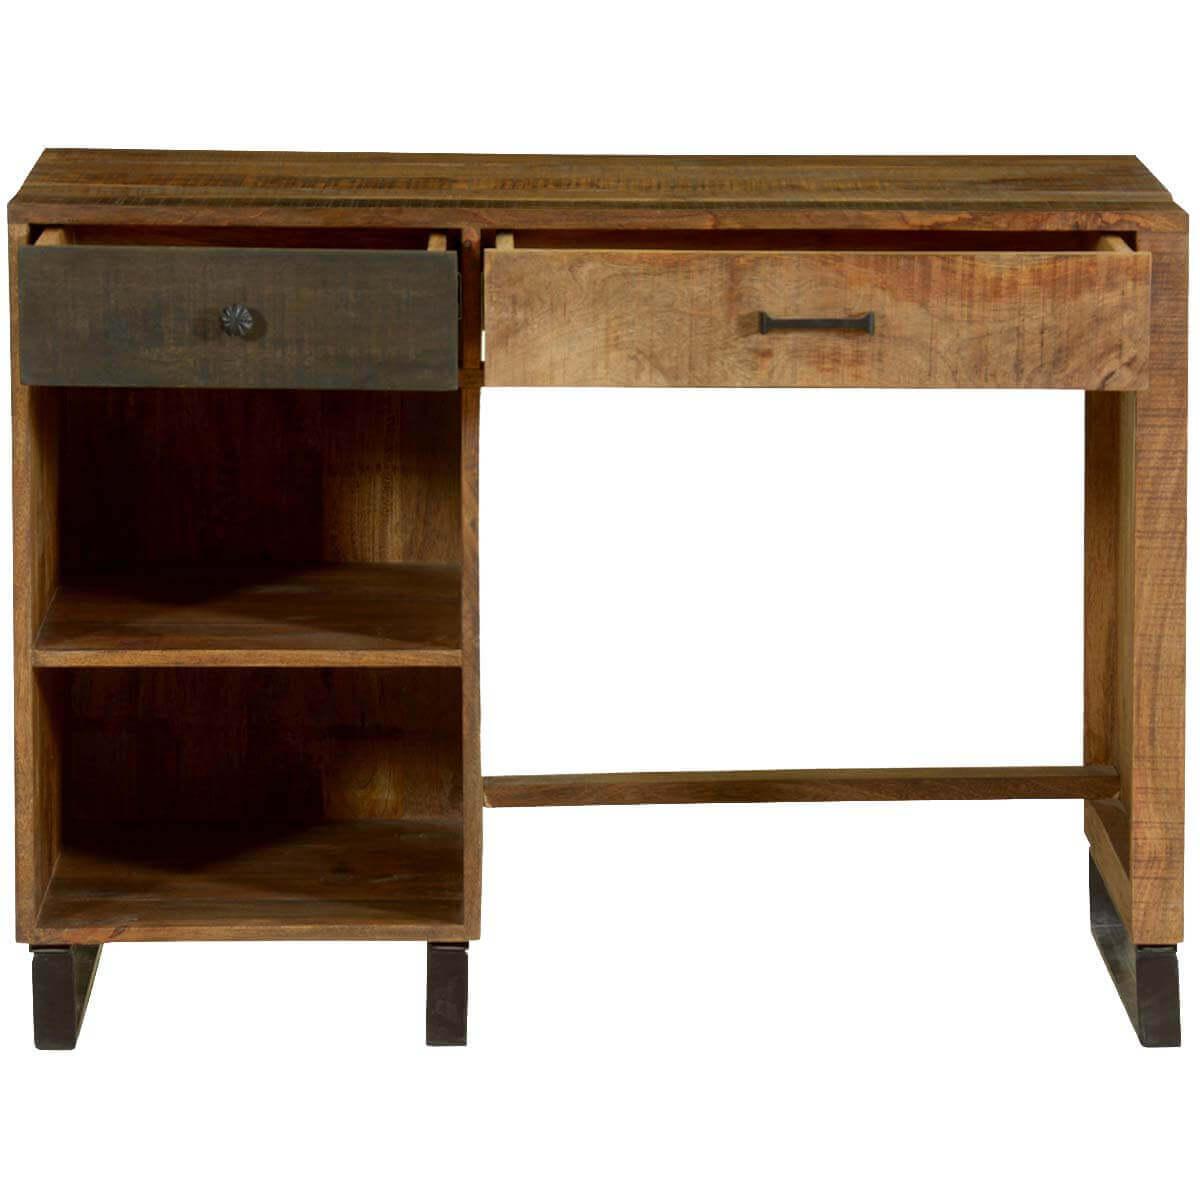 Wooden Patches Mango Wood Iron Modern Desk W Open Shelves